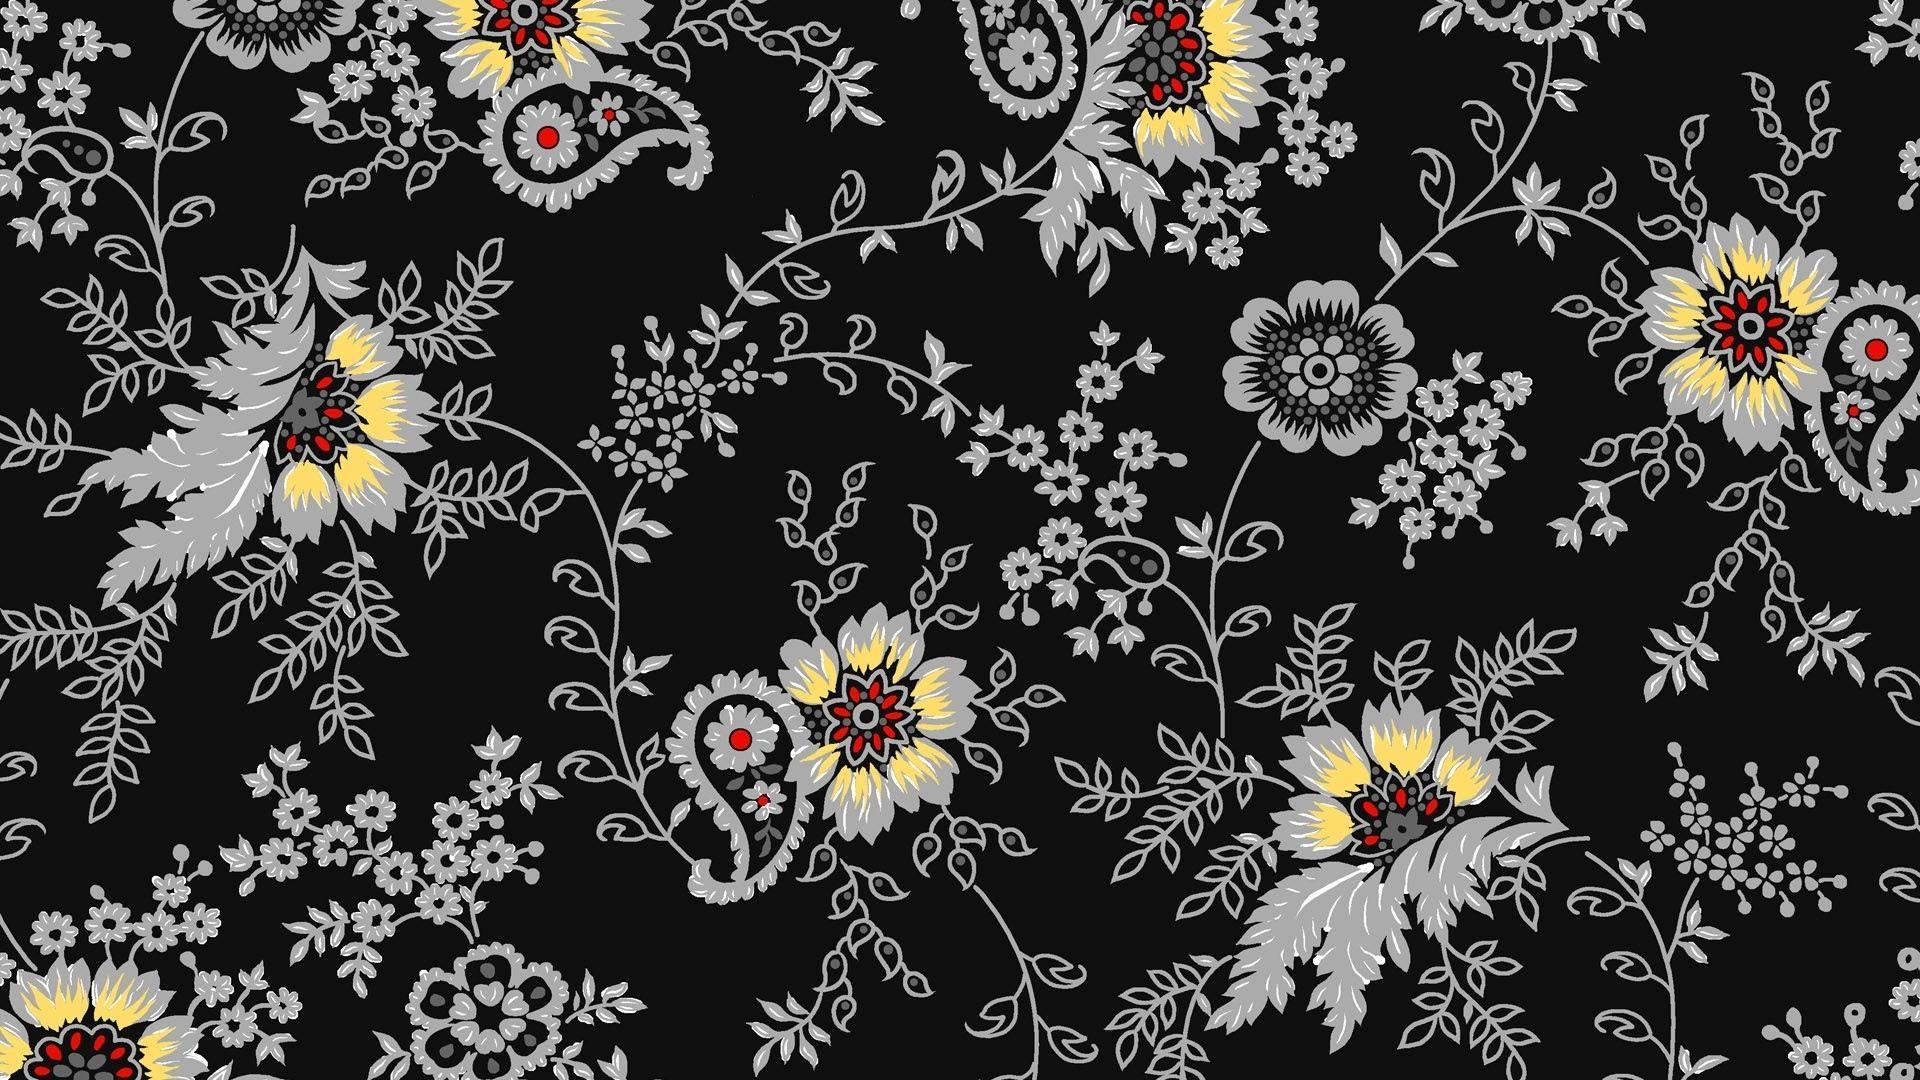 Black And White Pattern HD desktop wallpaper High